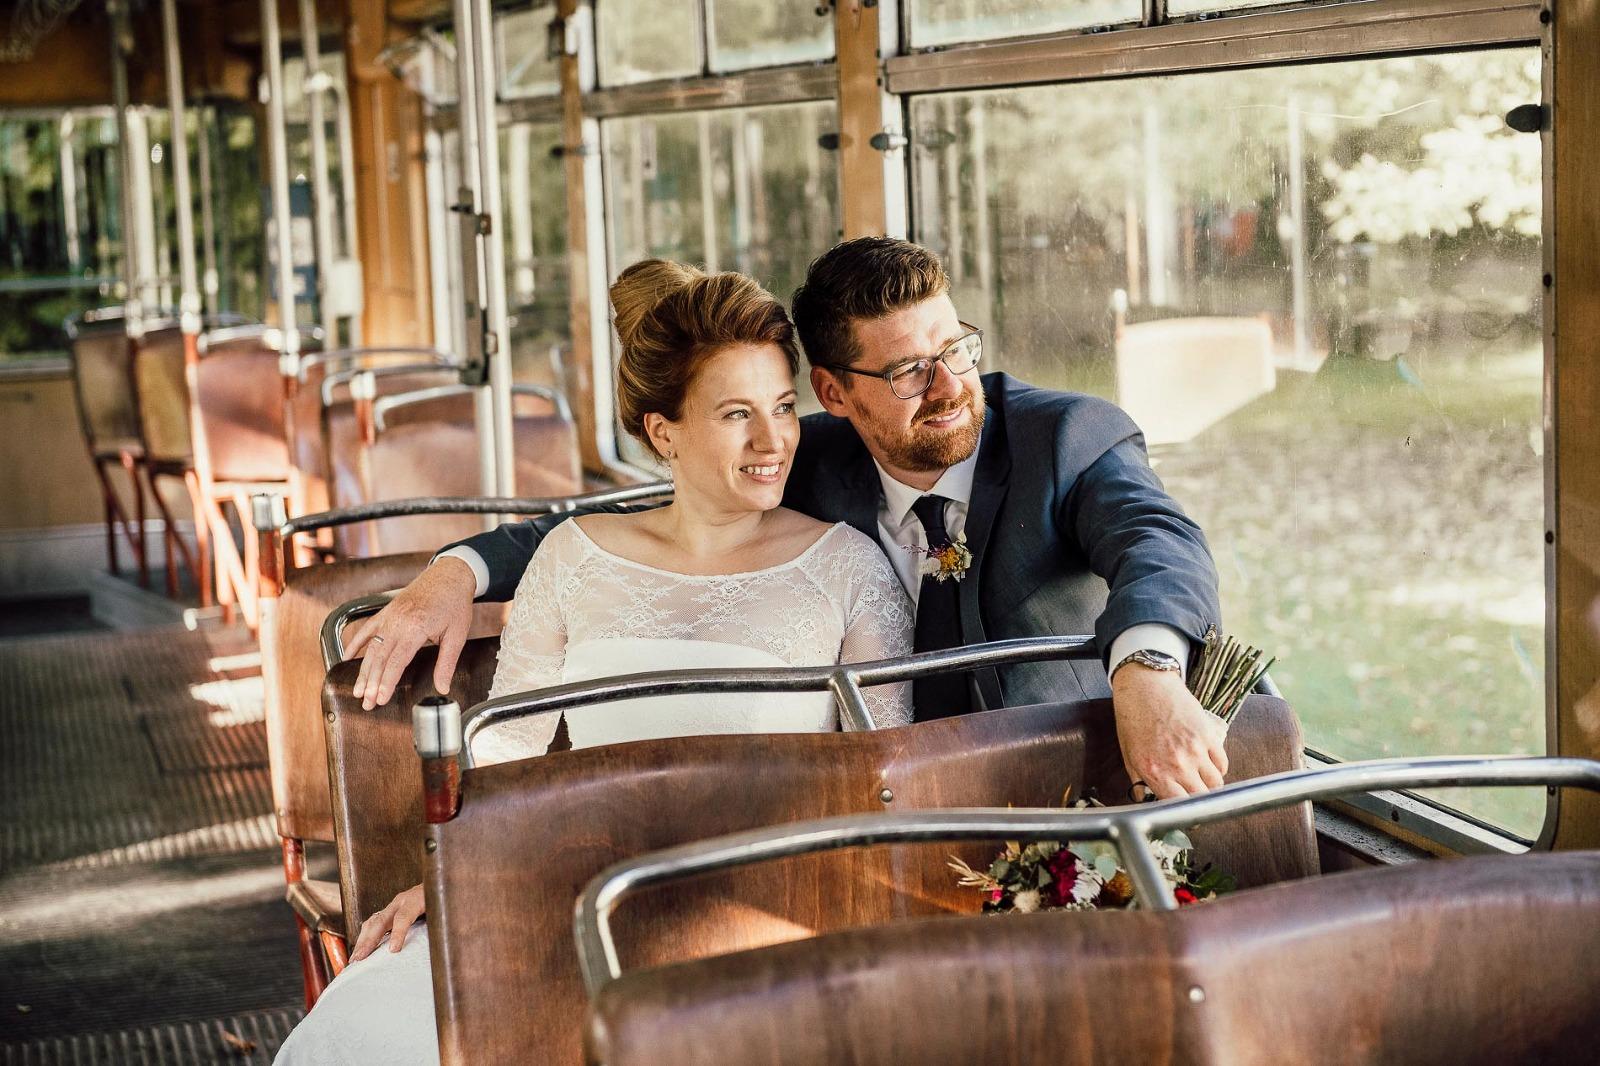 Hochzeitsfotografie München, Brautpaarfoto in der Tram in Straßlach bei Grünwald